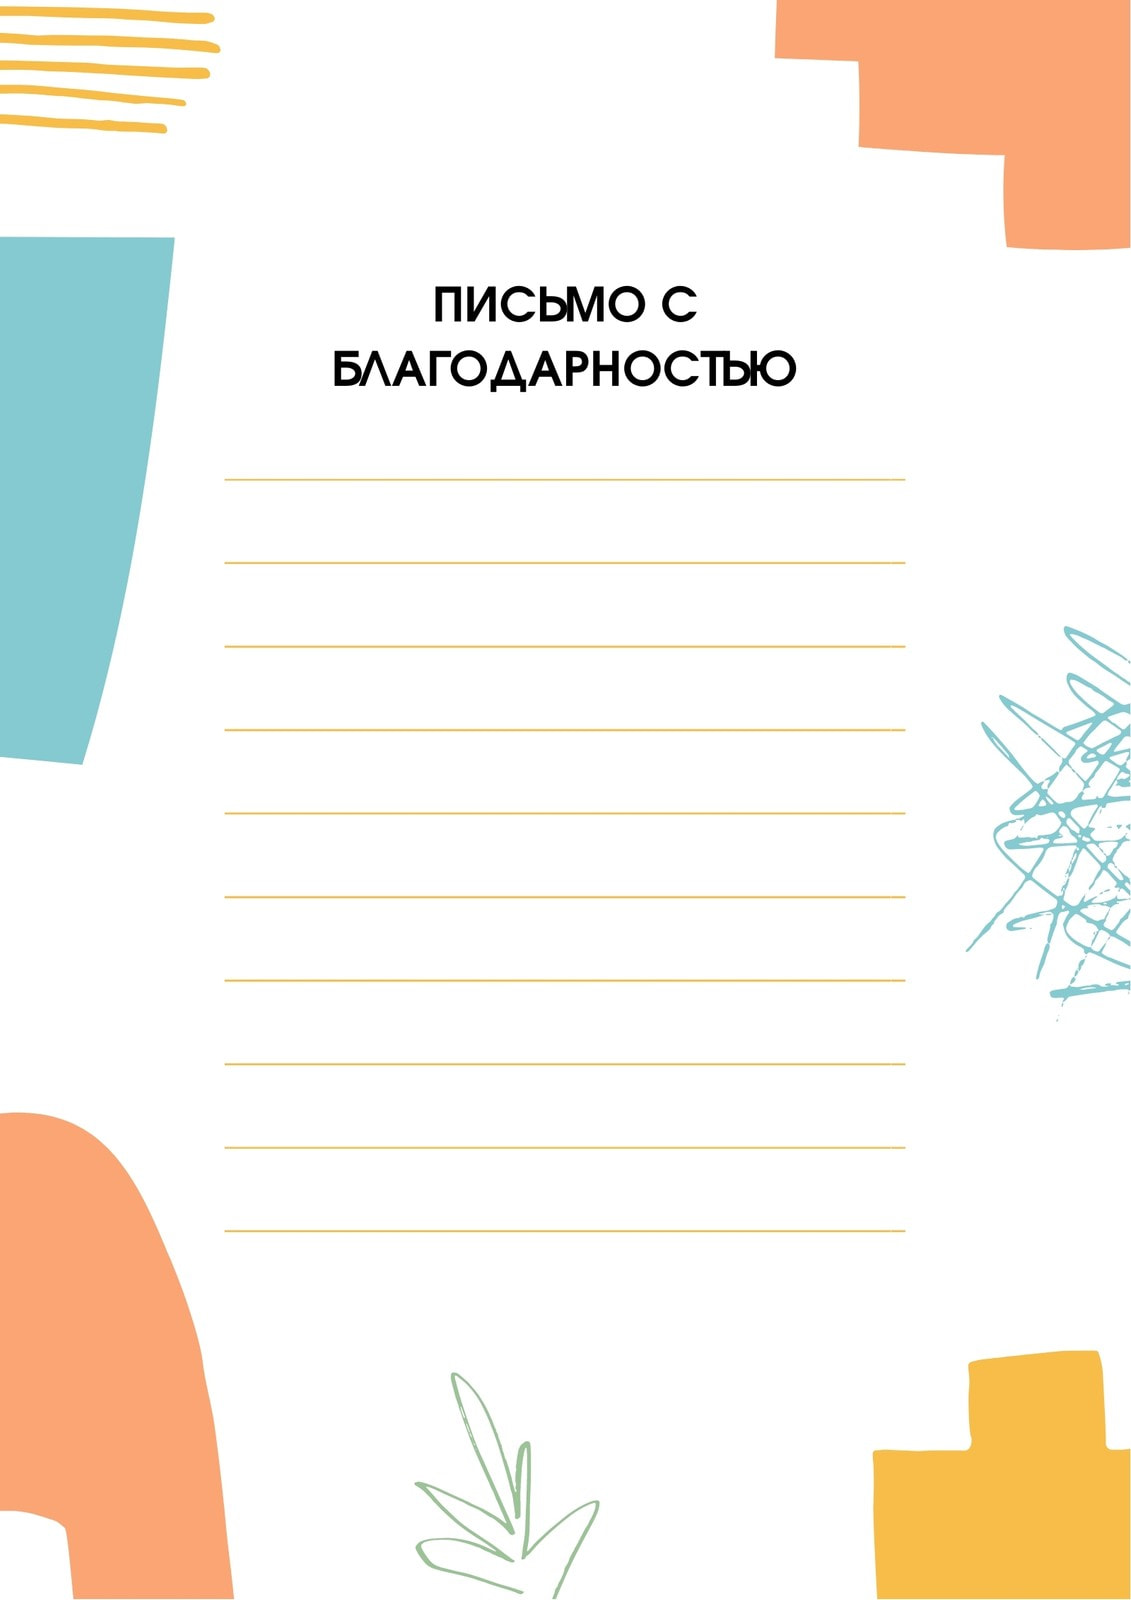 Цветное деловое благодарственное письмо с абстрактной графикой